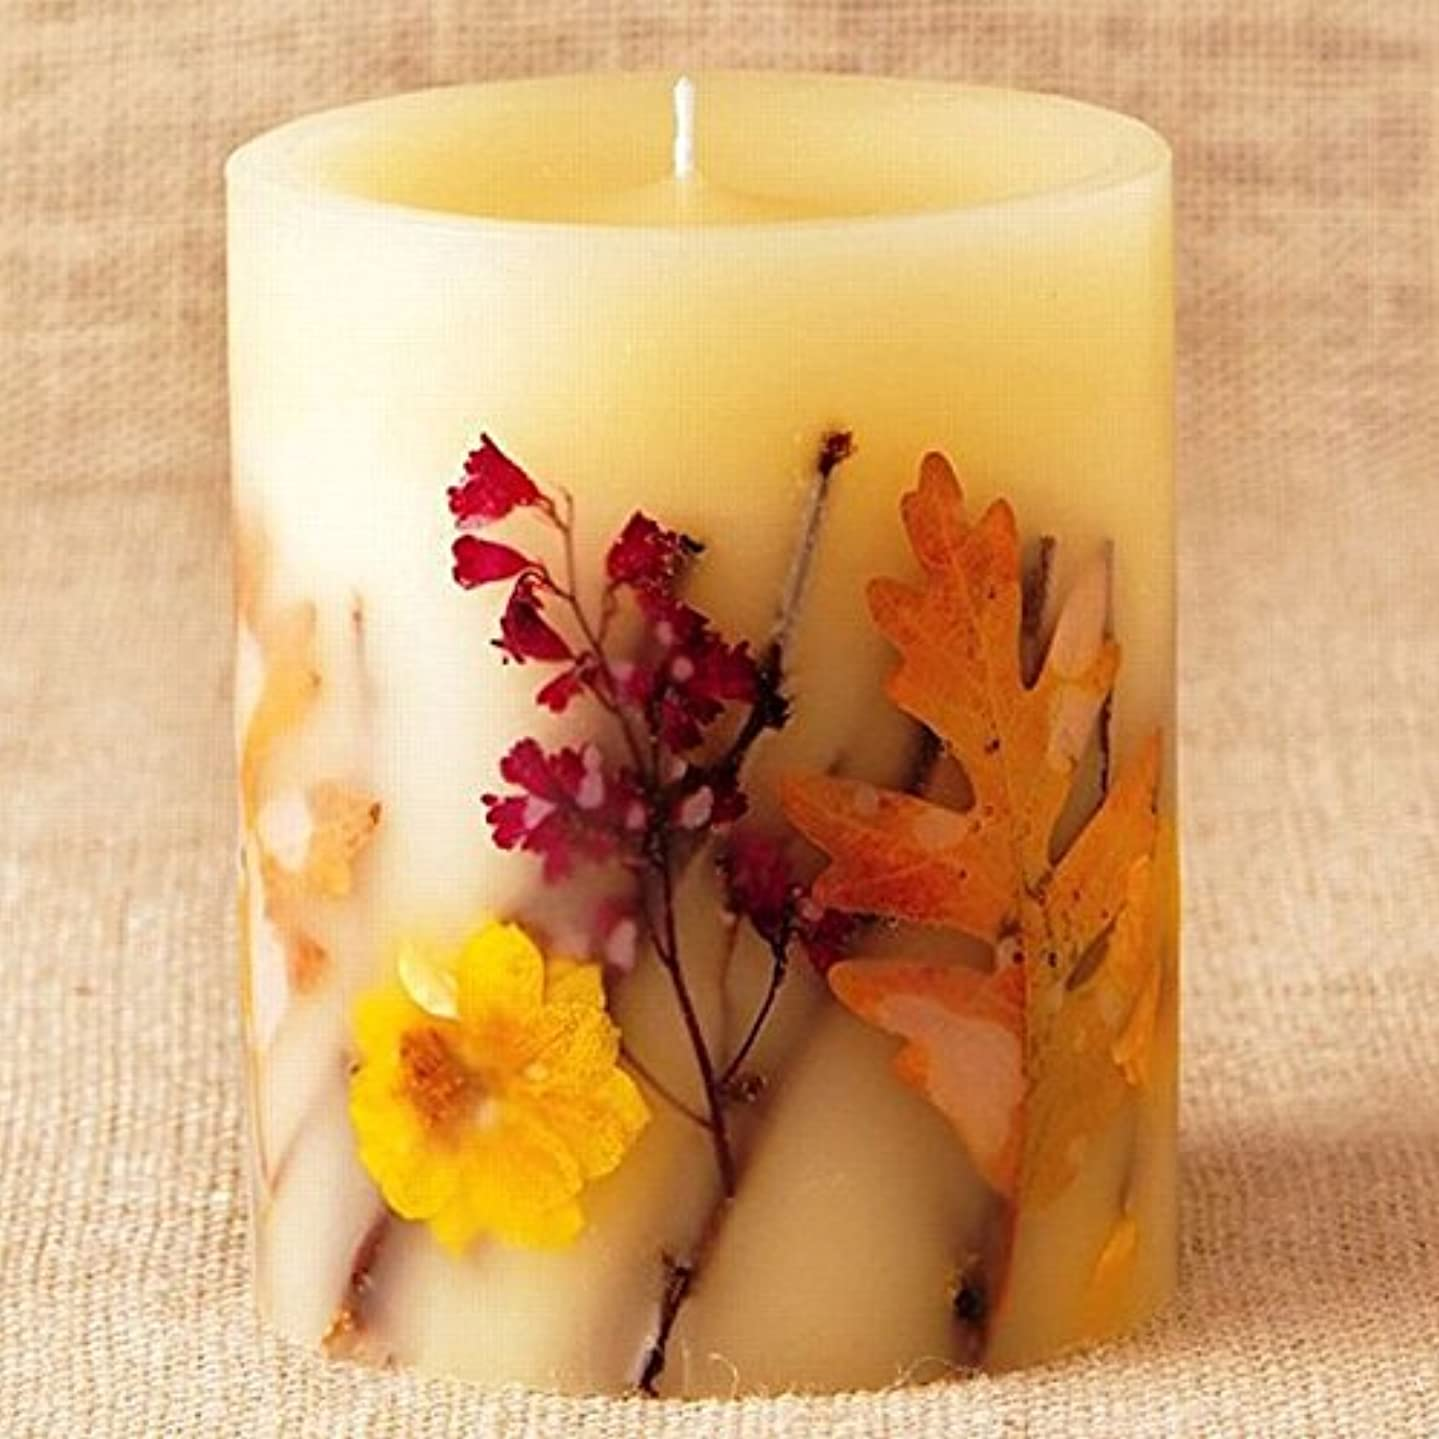 アトラス永久に面積Rosy Rings ロージーリングスBotanical Candle ボタニカルキャンドル Black Vetiver & Oak